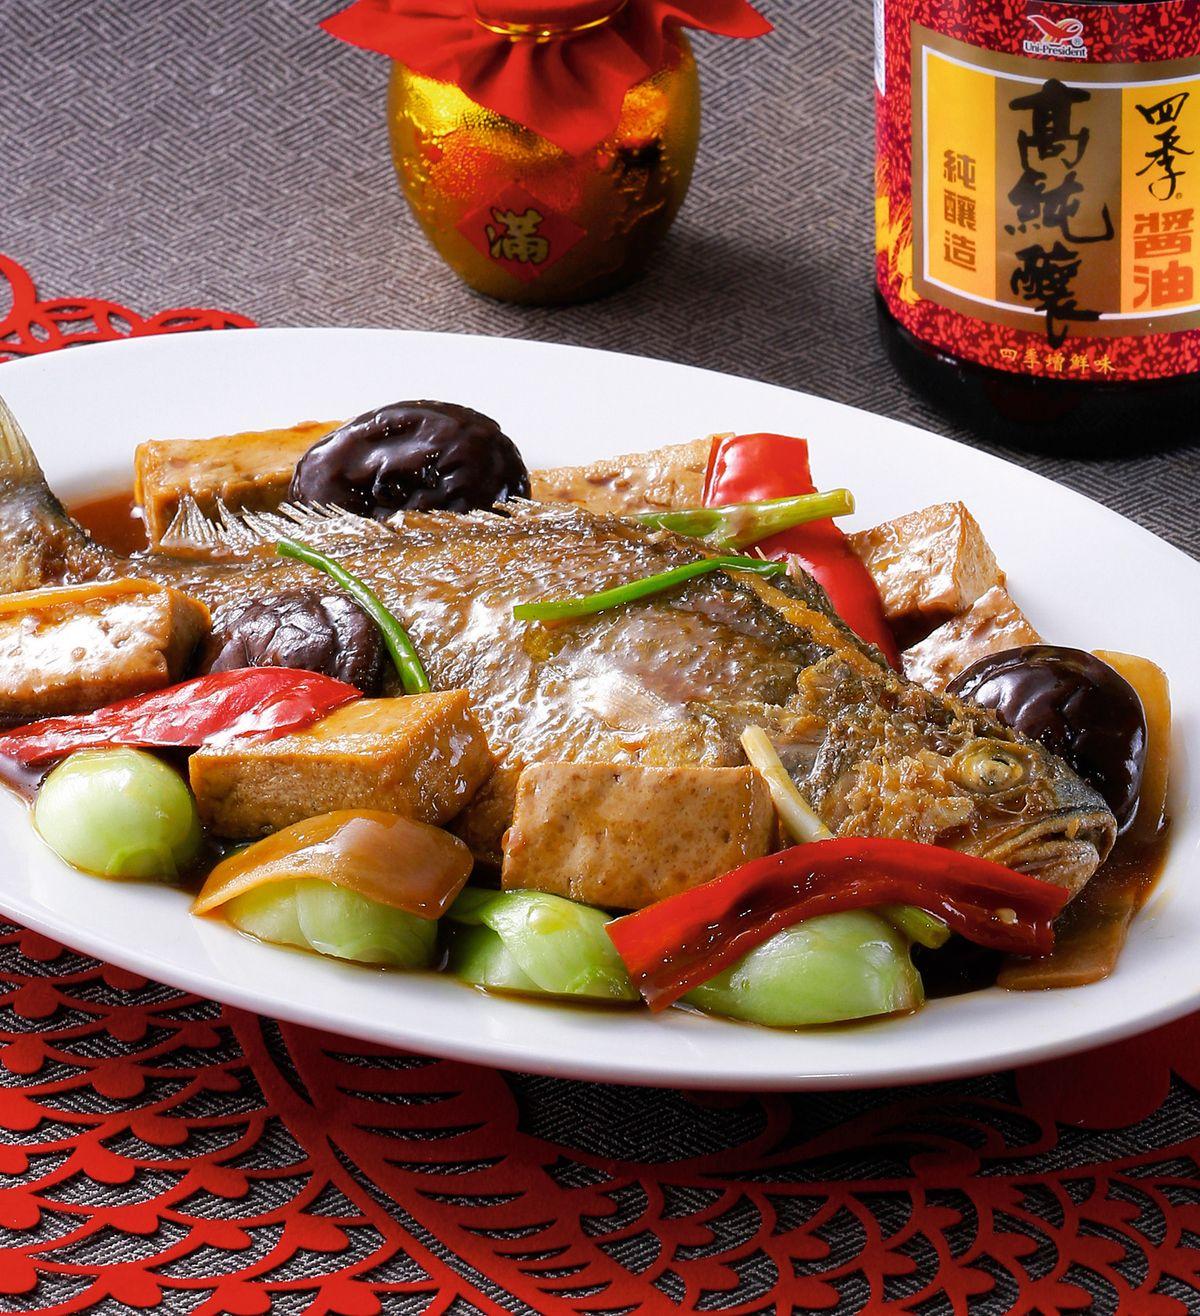 食譜:鴻圖燒黃魚